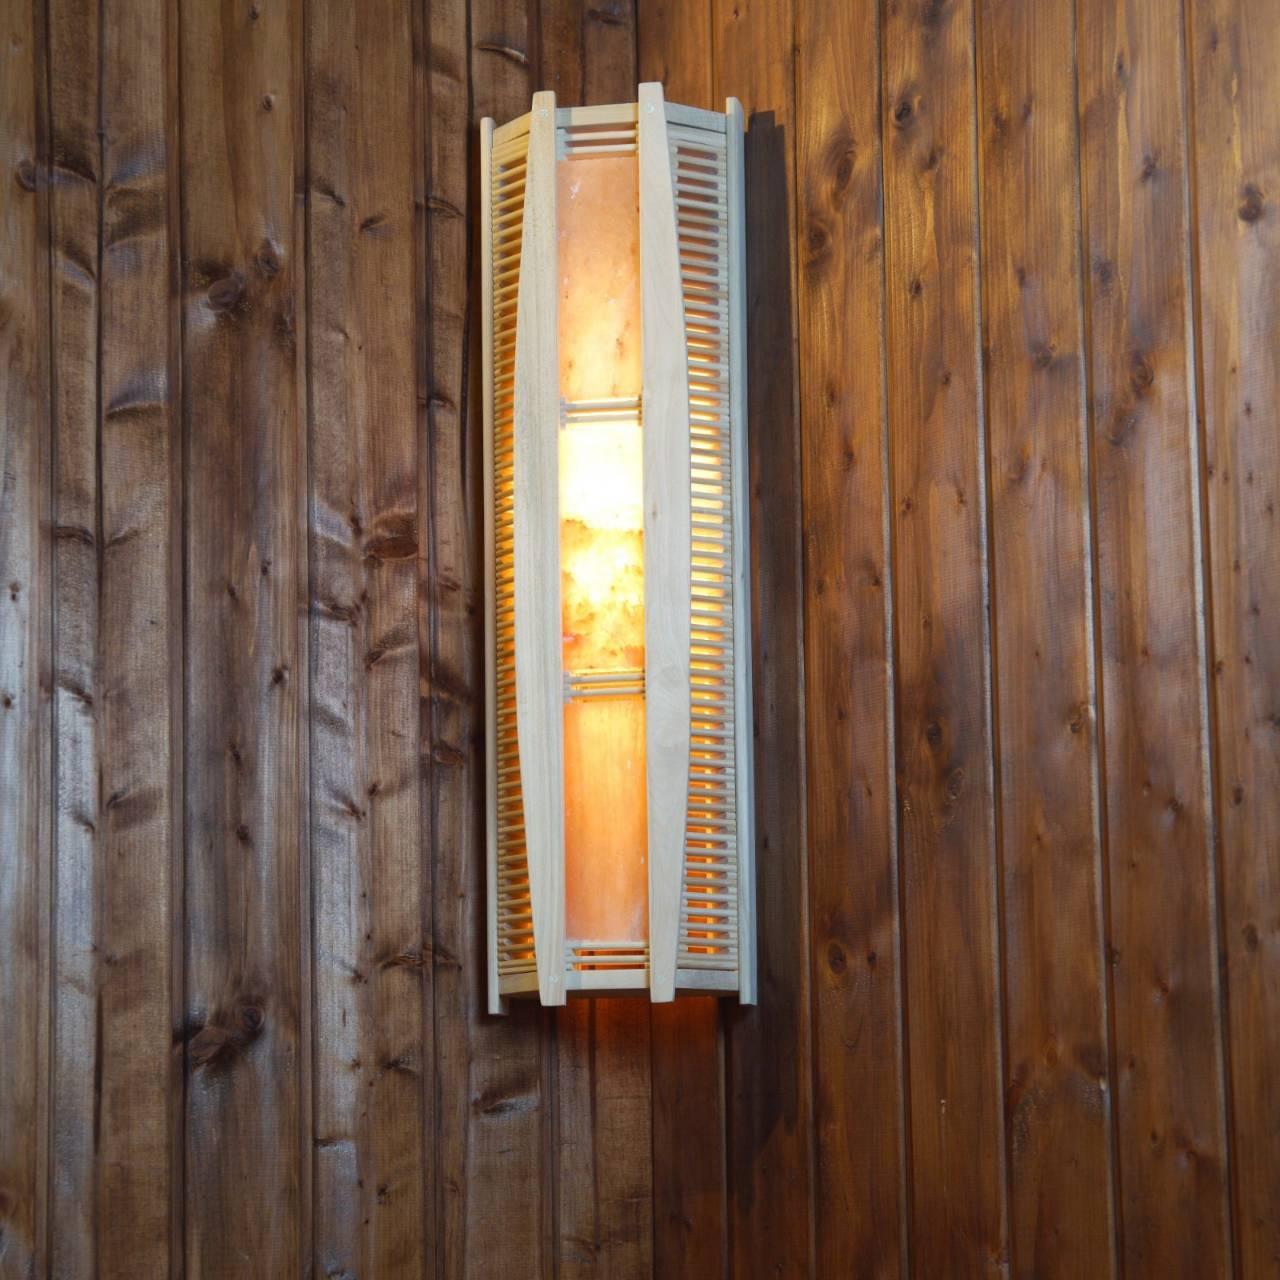 Светильник для сауны должен быть термостойкий - причины, а также подробные сведения обо всех составляющих - в статье. поможем выбрать лучшее на рынке